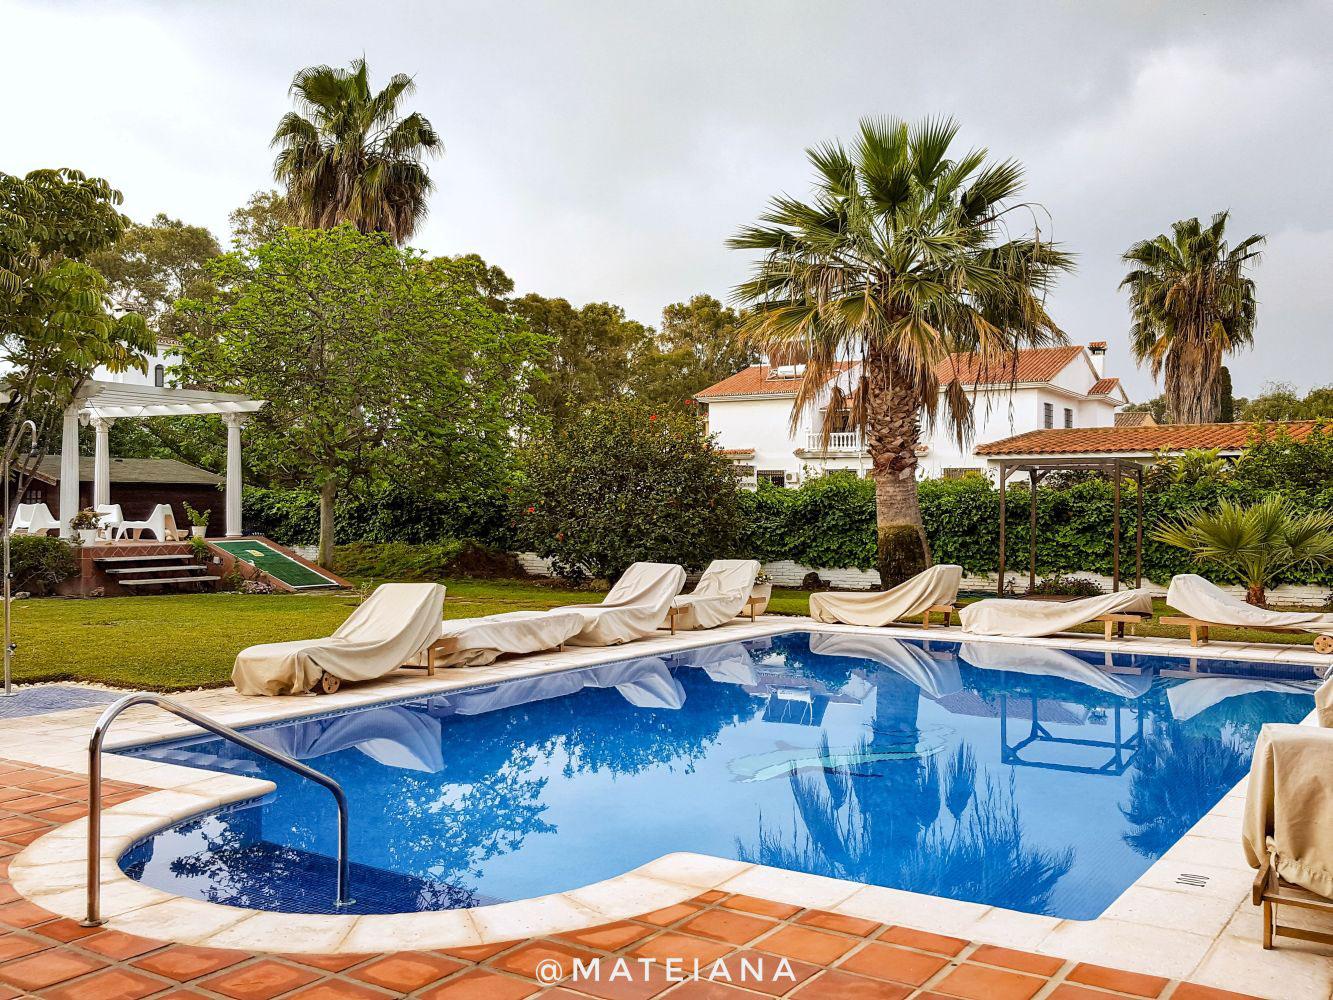 Hotel Malaga Picasso - Guadalmar